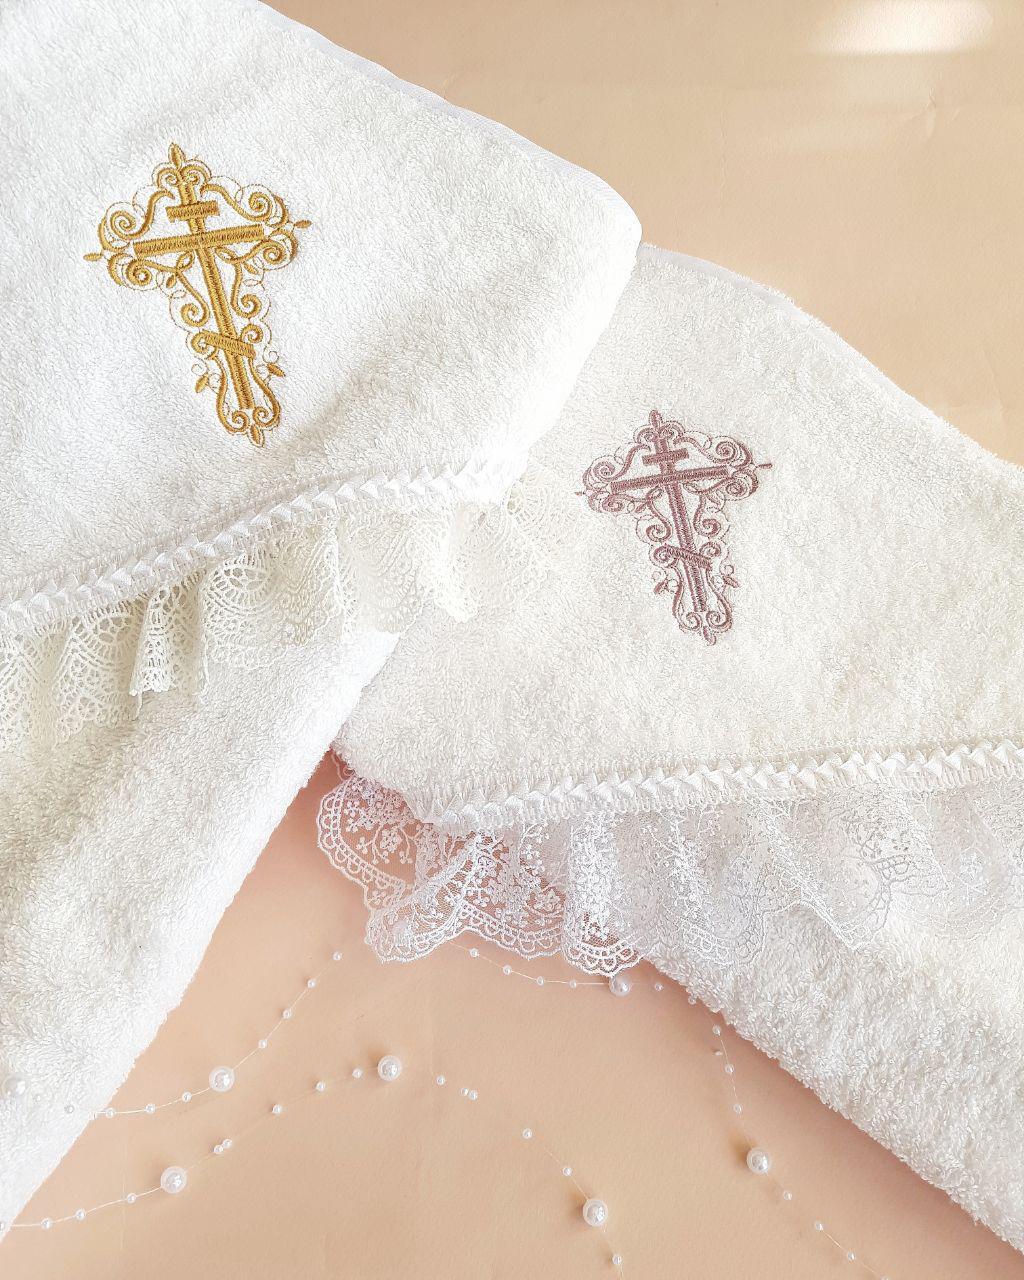 Мастерская крестильного платья «Молочные берега»